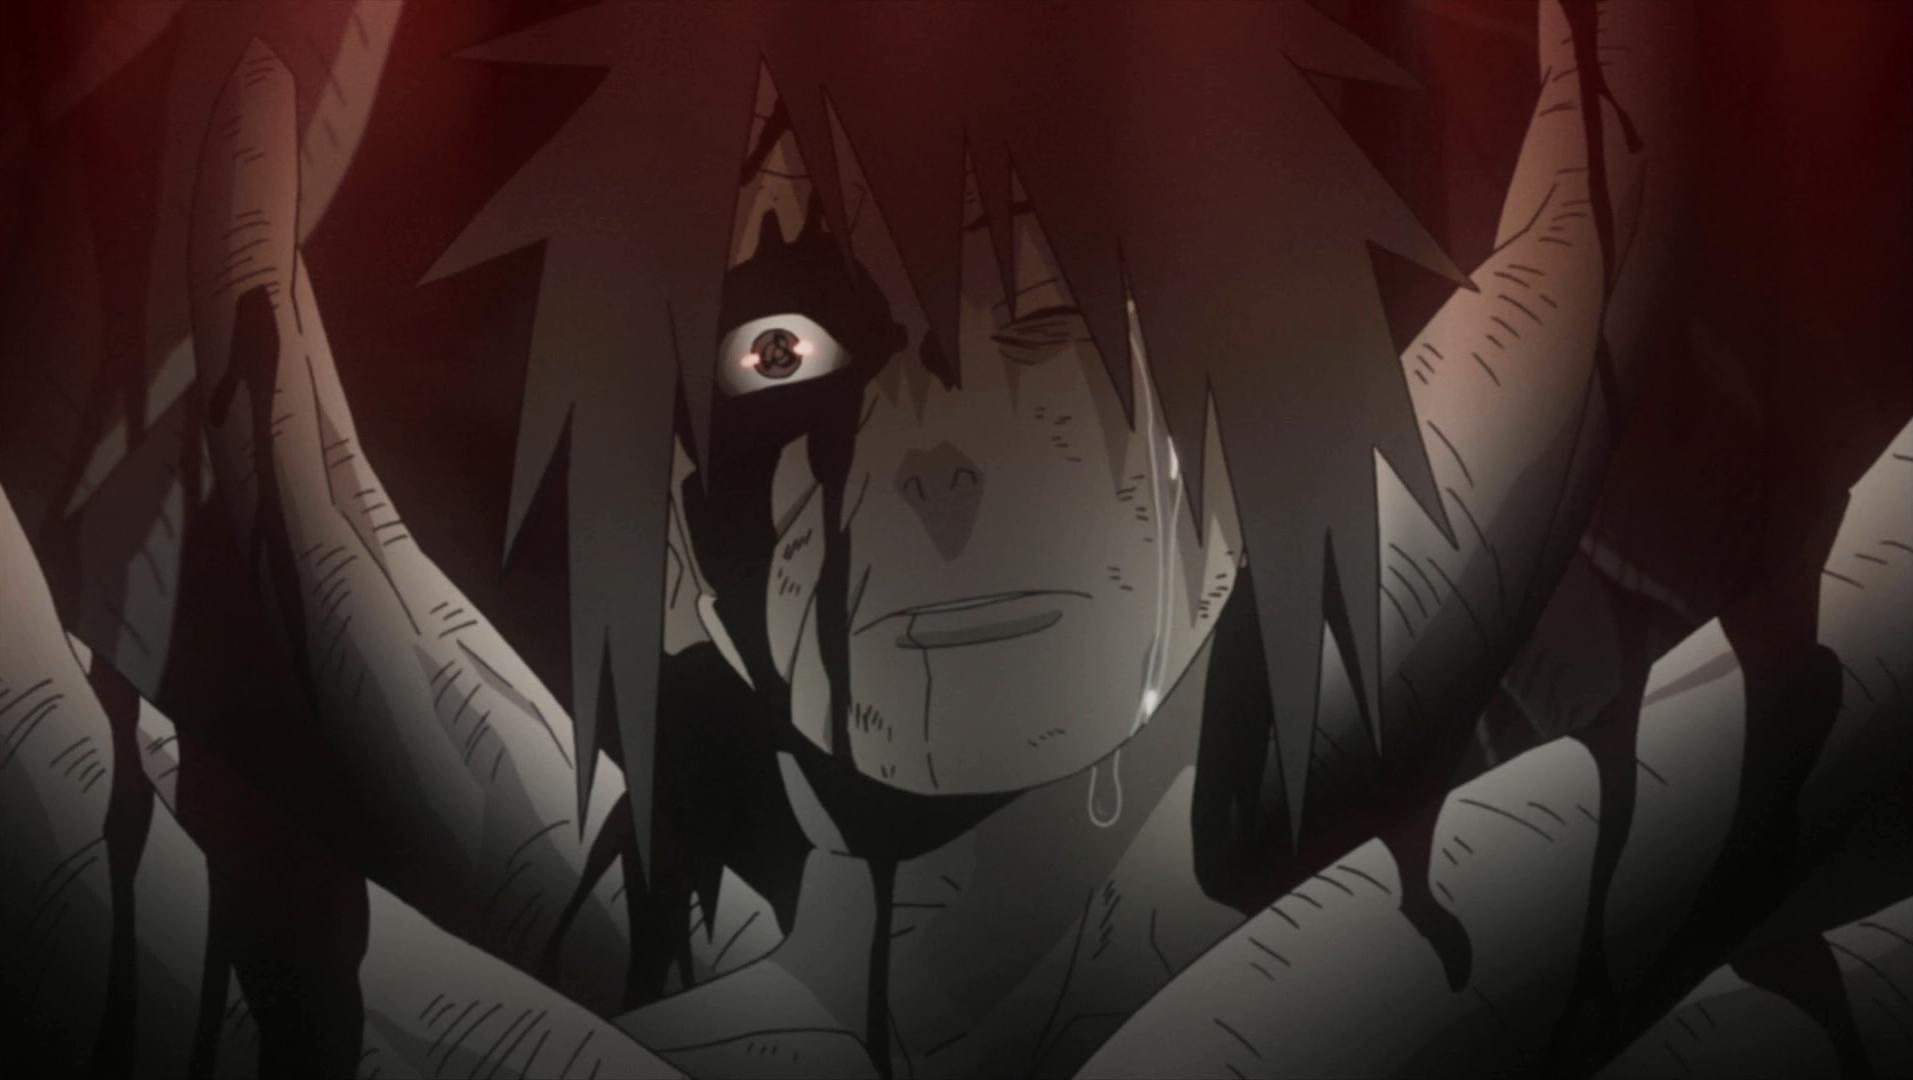 Je suis en enfer | Naruto Wiki | FANDOM powered by Wikia